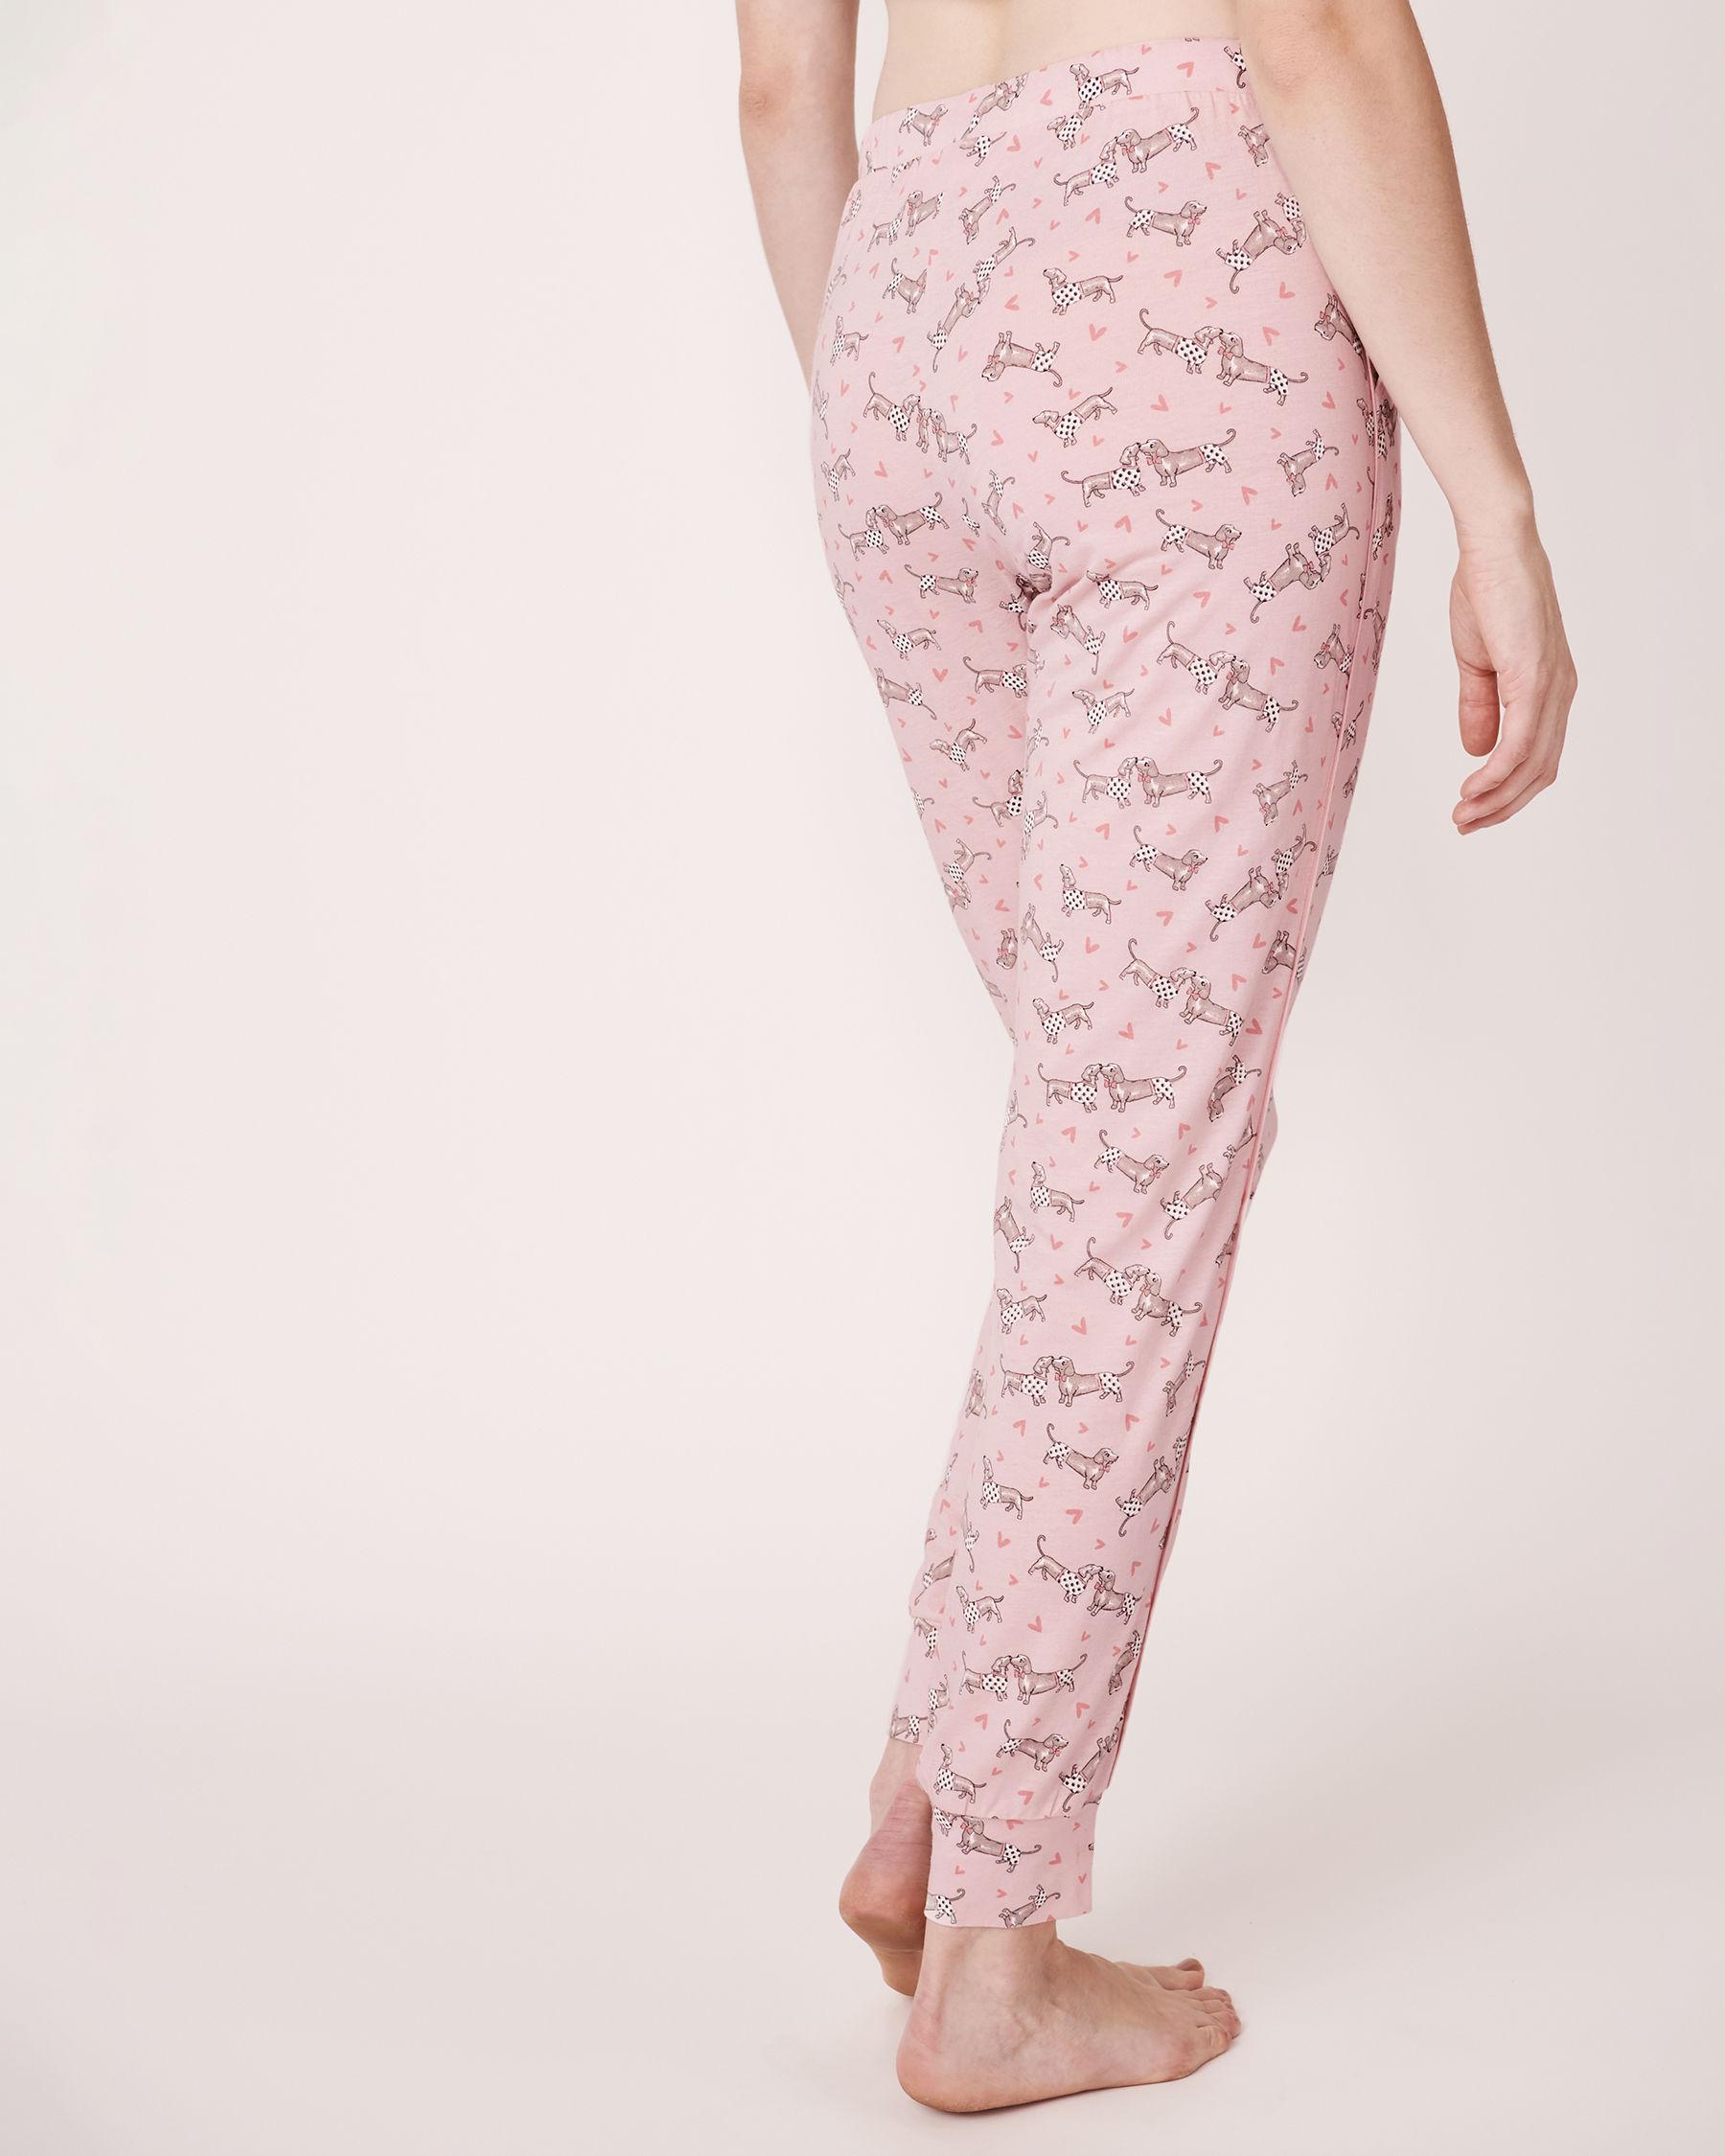 LA VIE EN ROSE Pantalon ajusté avec poches Imprimé chien 770-319-1-11 - Voir2